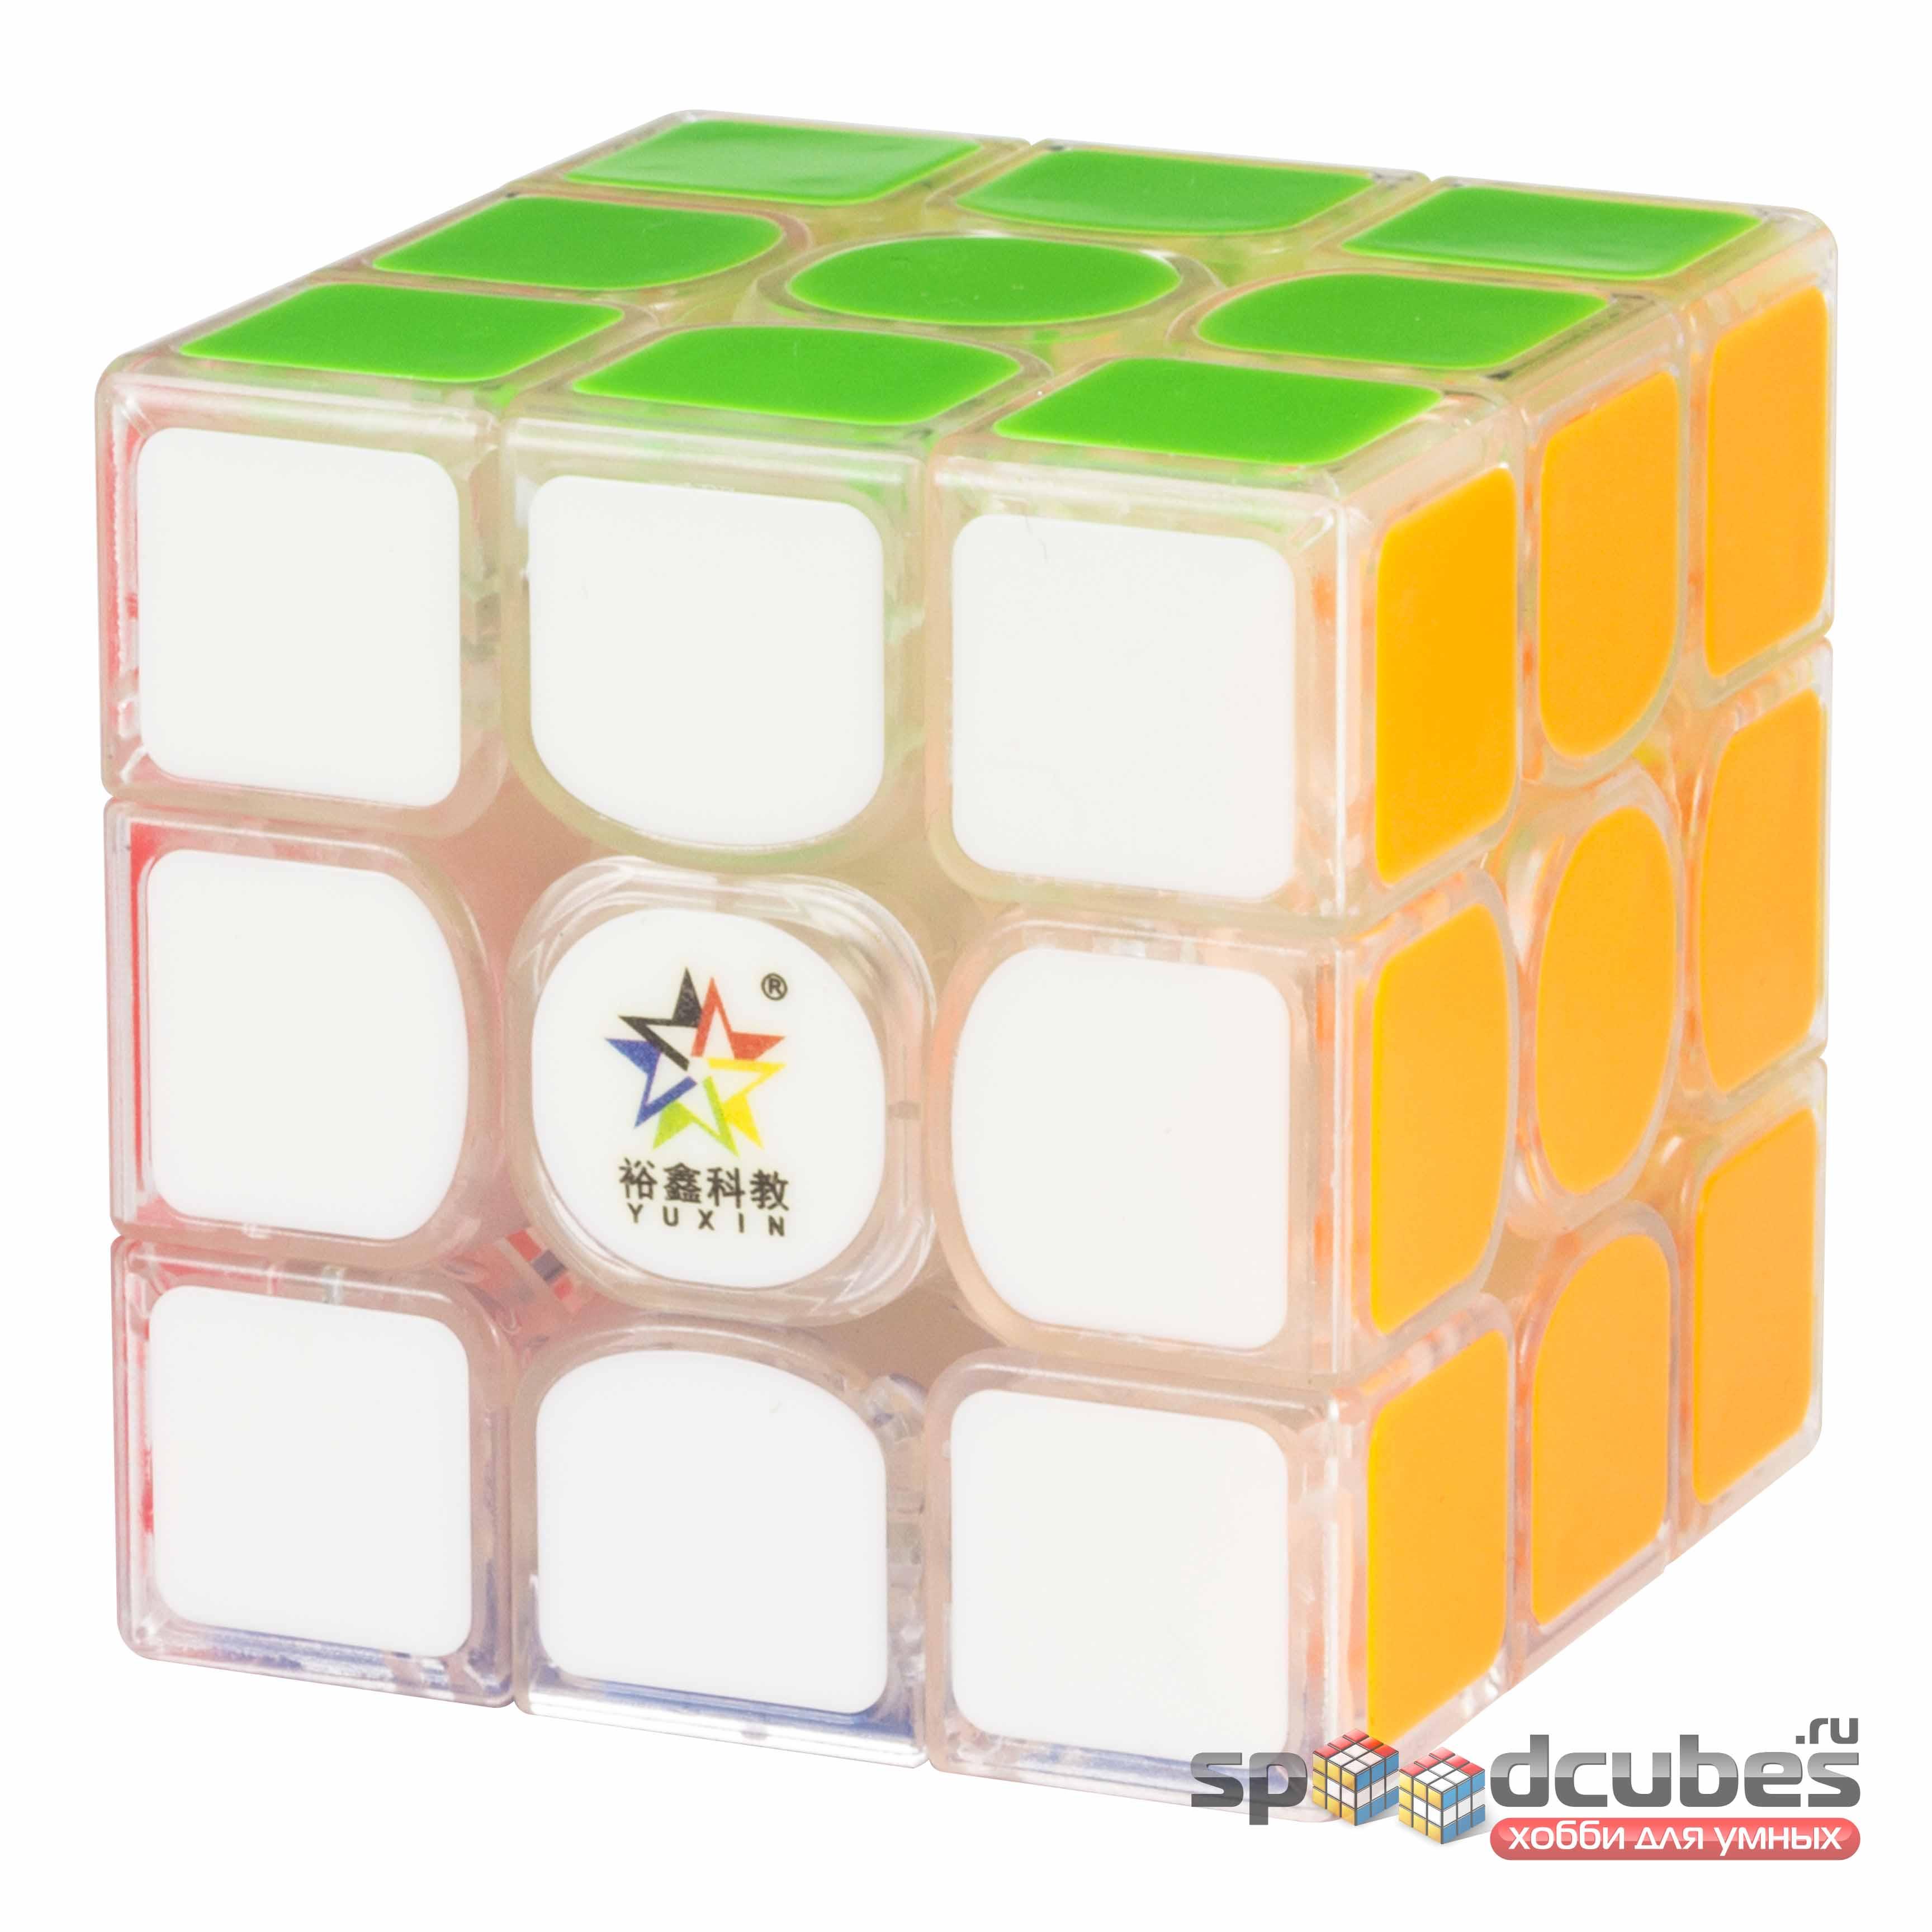 Yuxin 3x3x3 Kylin V2 M Transparent 2